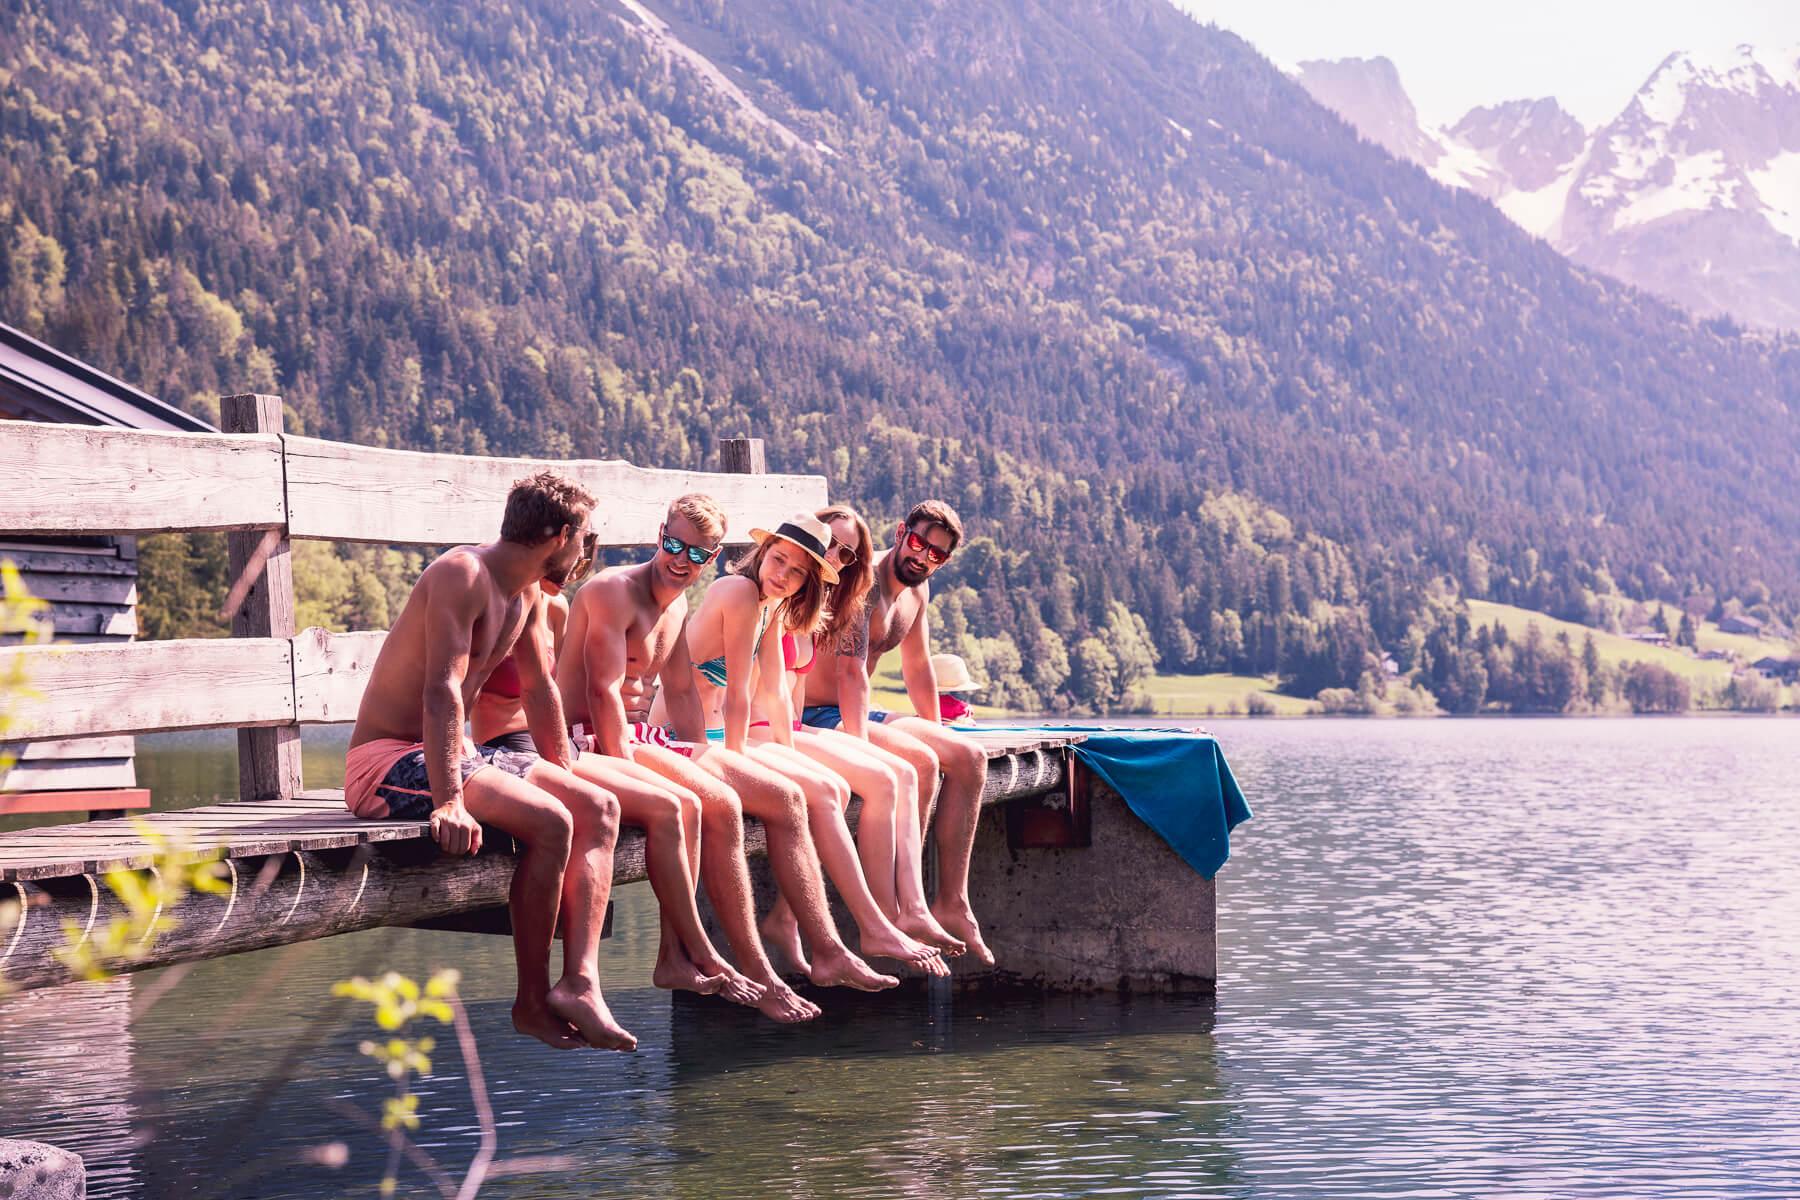 Freunde sitzen auf einem Steg in einem Bergsee. Fotograf Derek Henthorn